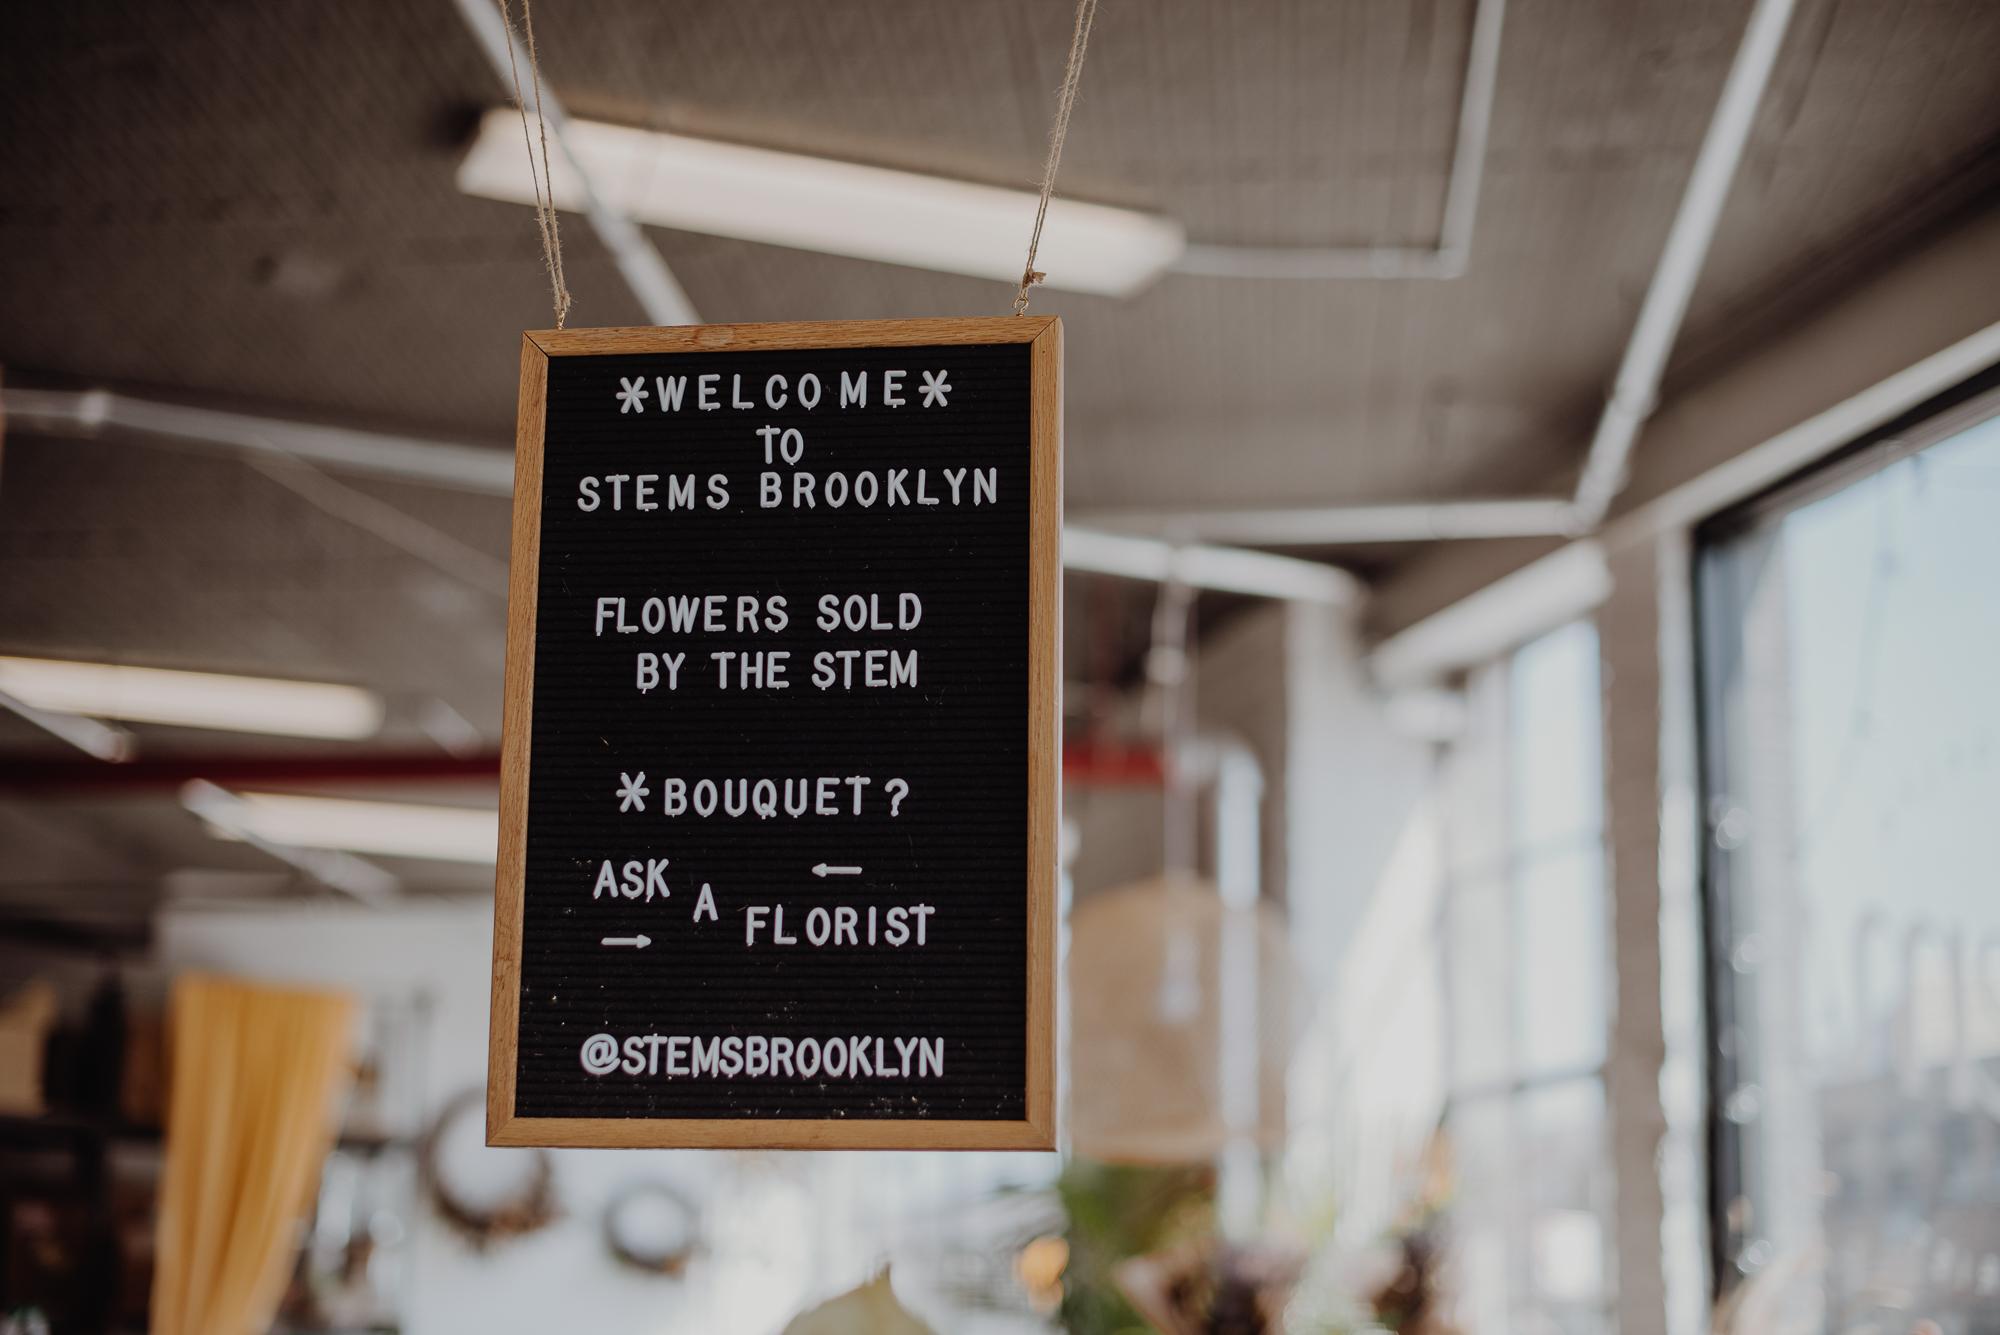 Stems Brooklyn